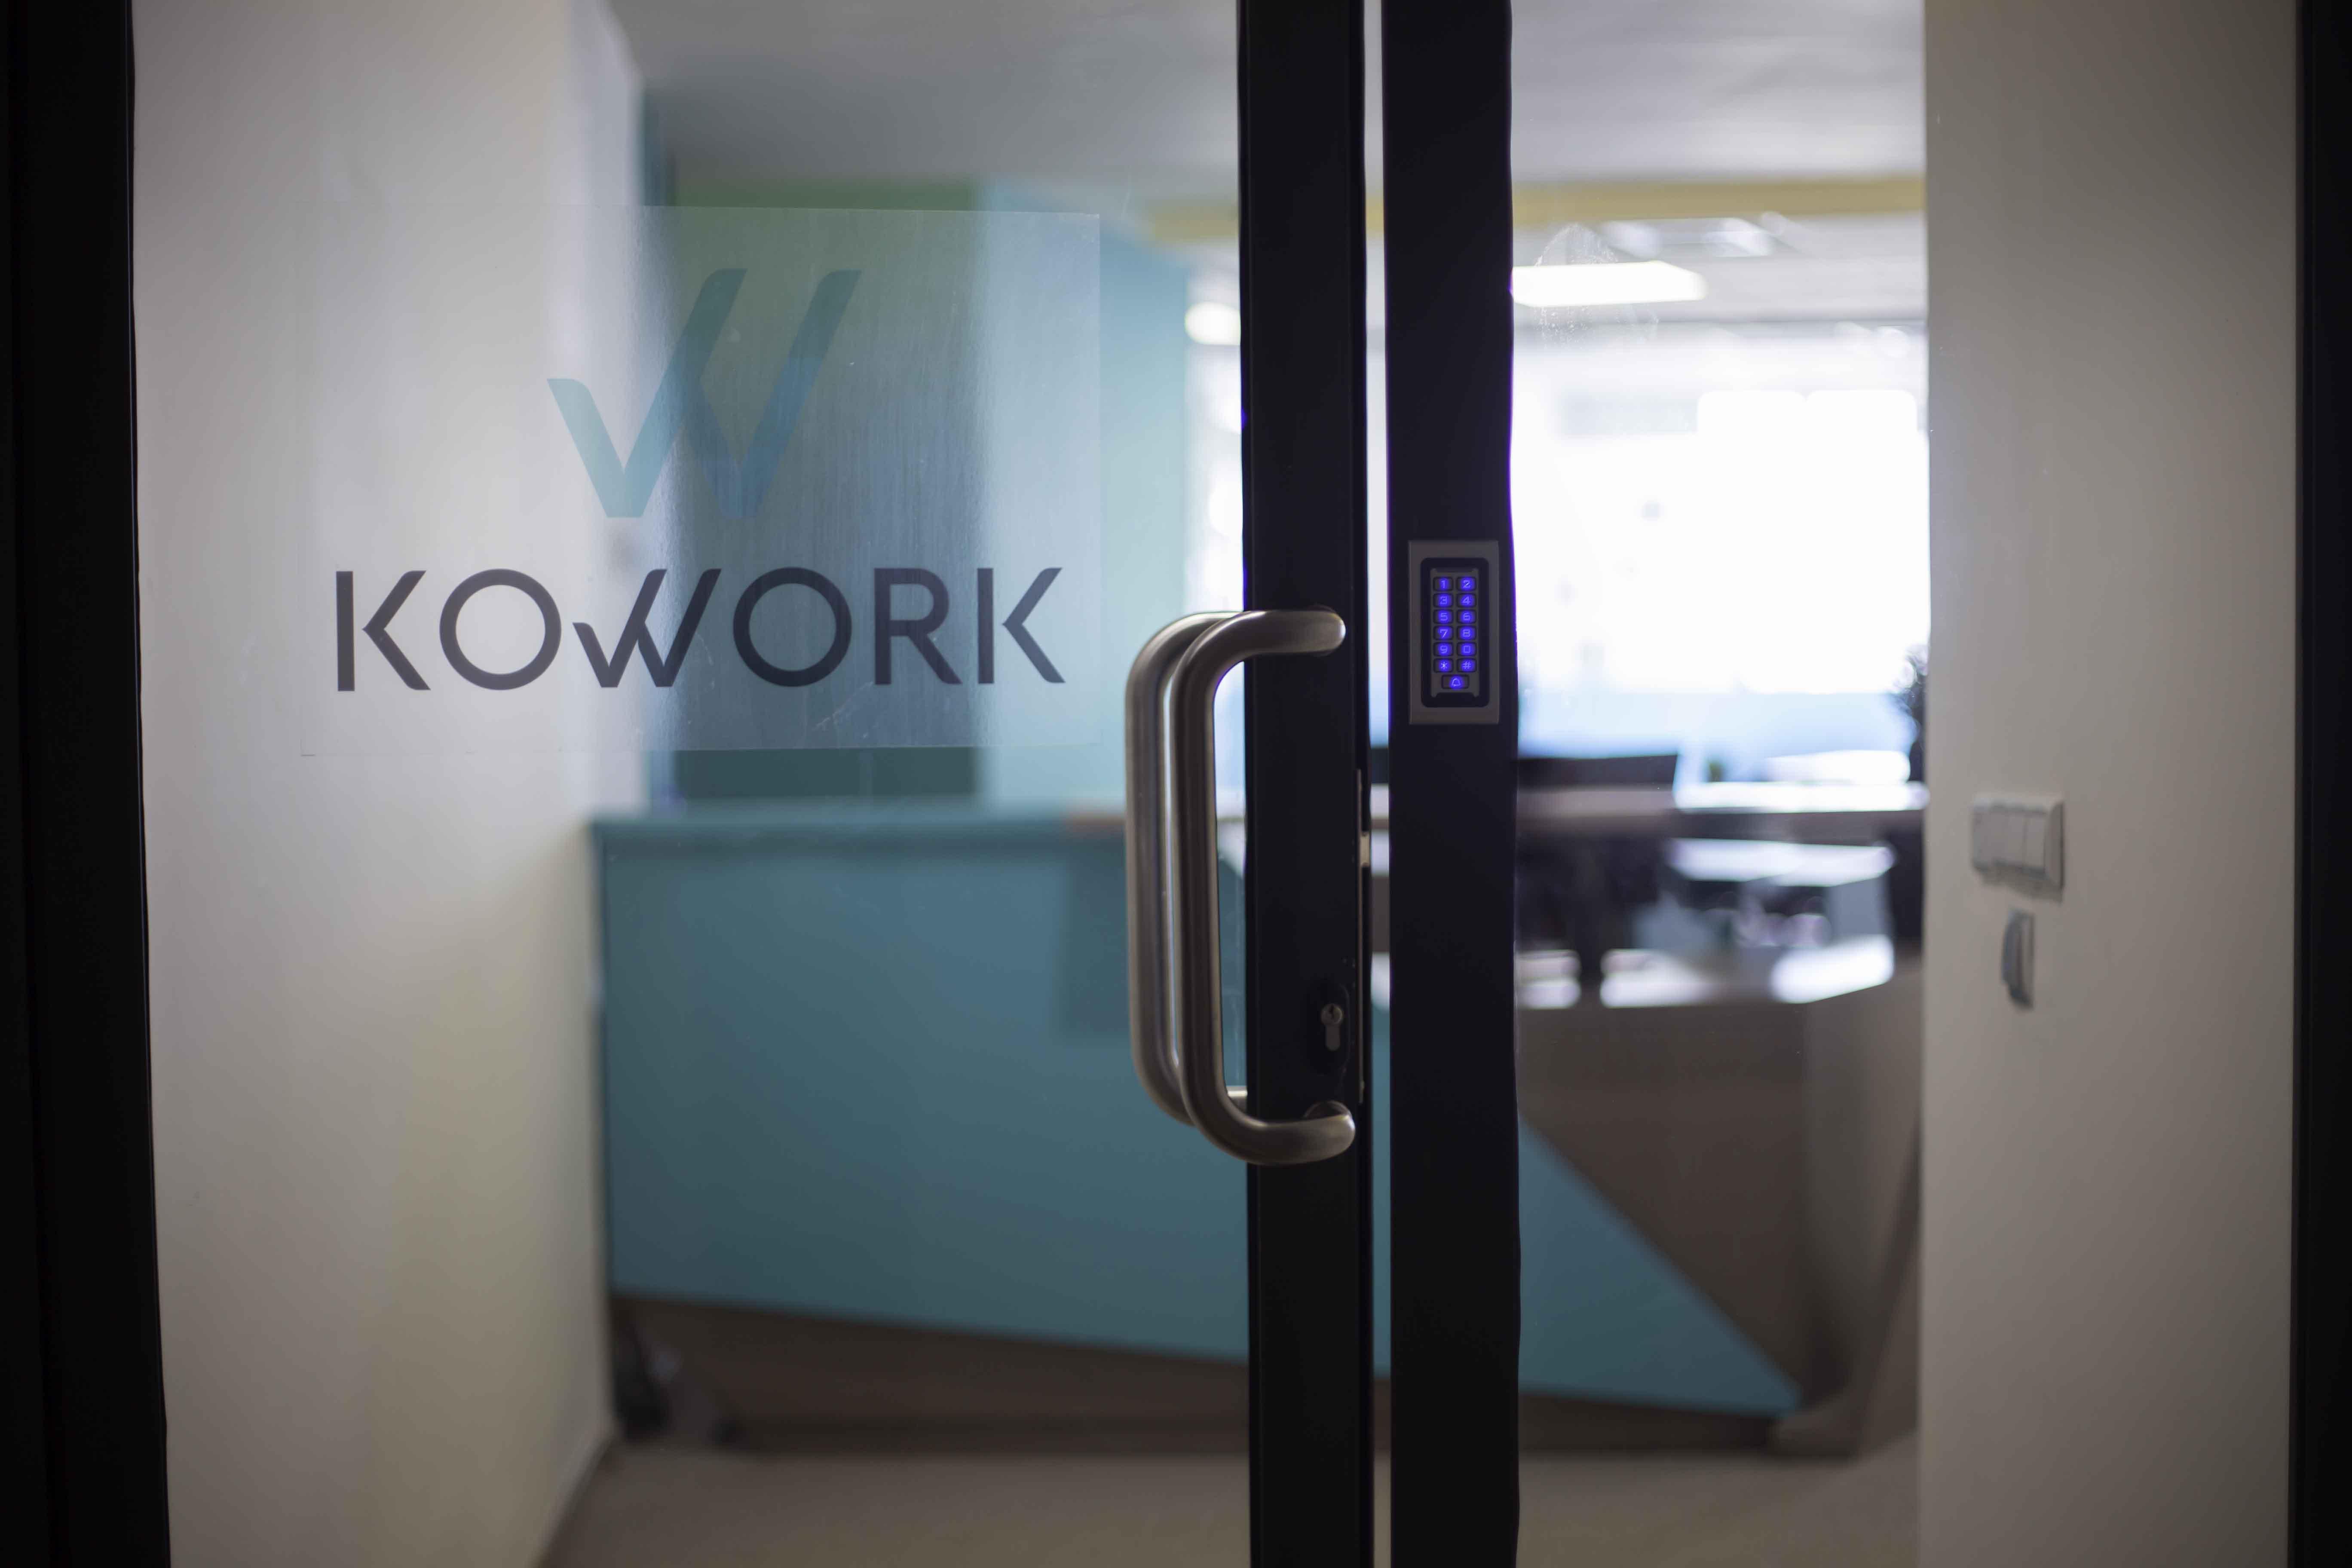 Bureaux flexibles et modulables: les alliés de la croissance de votre entreprise